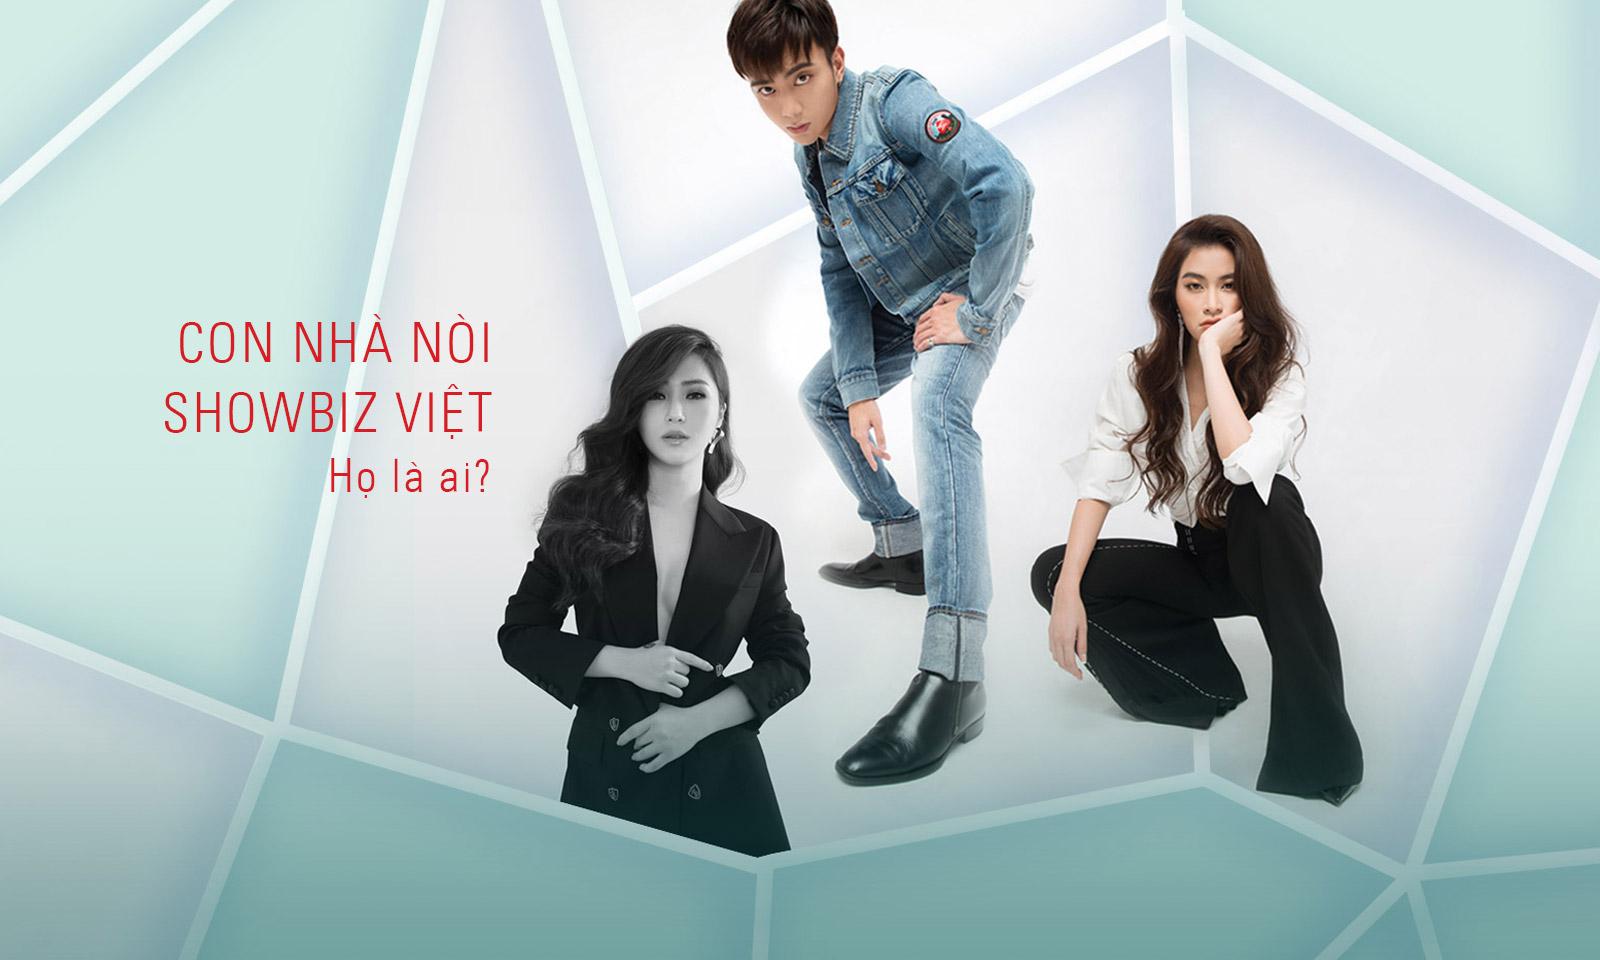 Con nhà nòi showbiz Việt: Họ là ai?